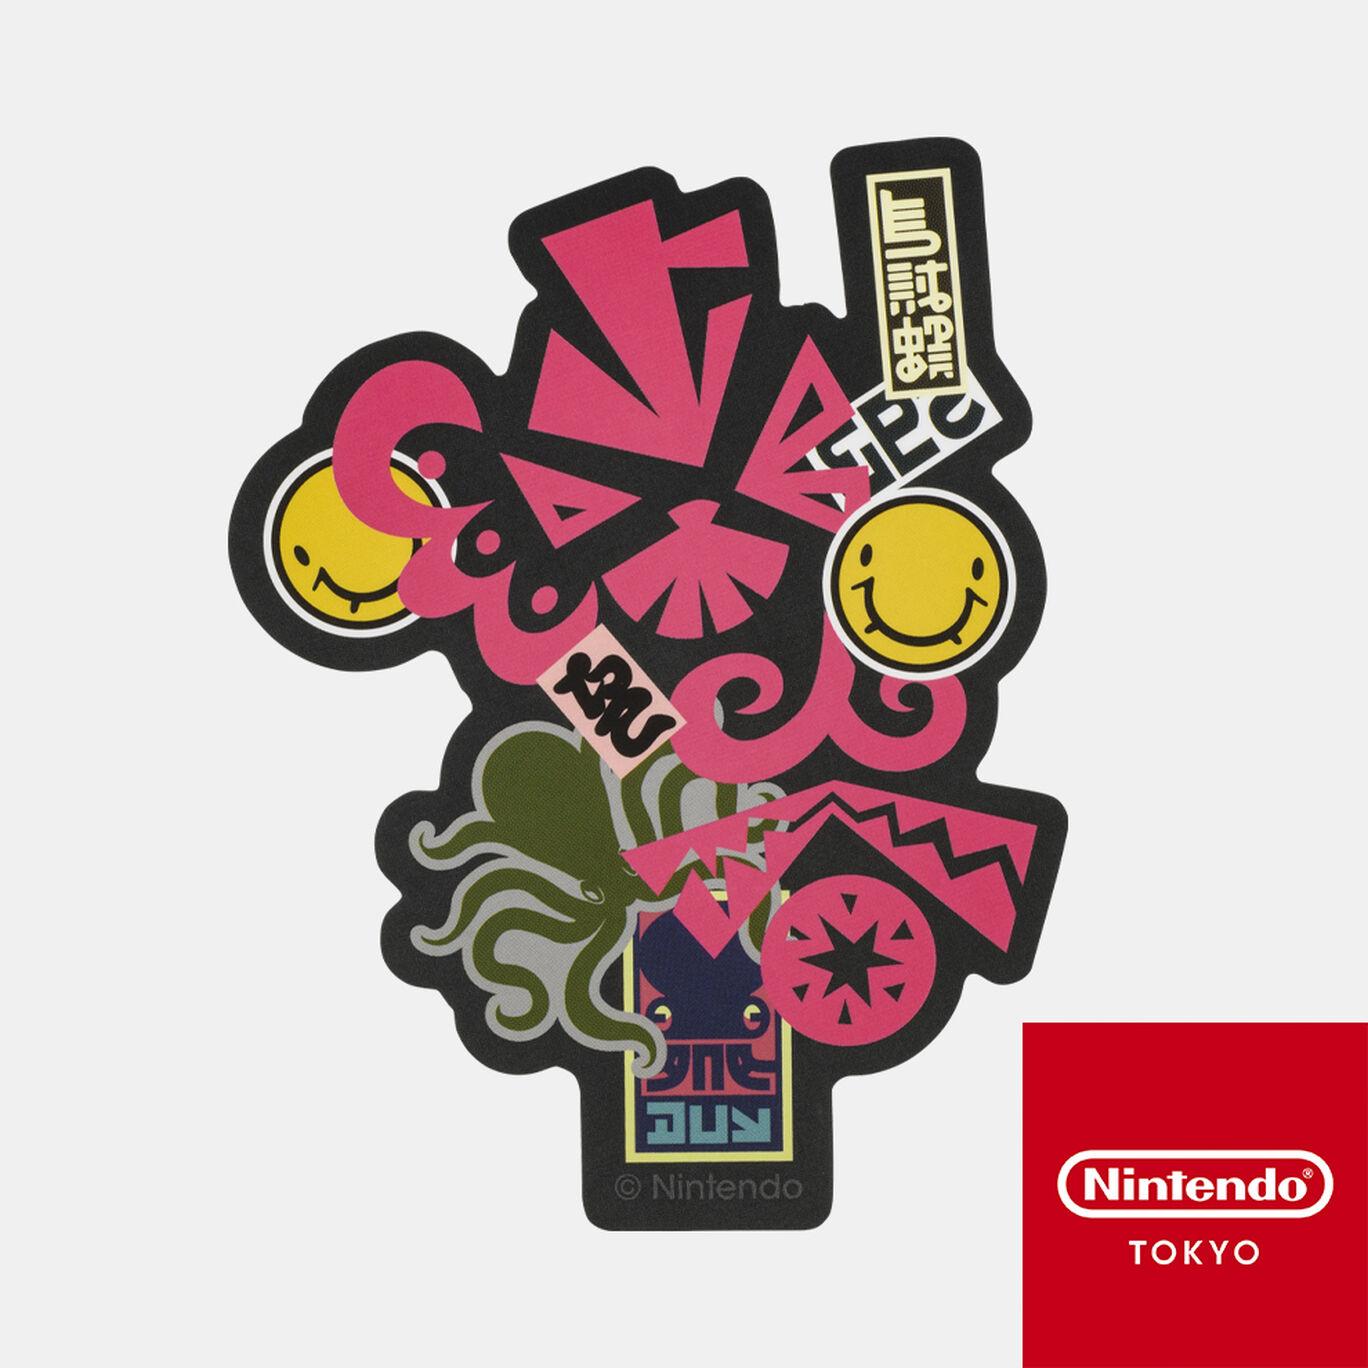 ステッカー CROSSING SPLATOON F【Nintendo TOKYO取り扱い商品】